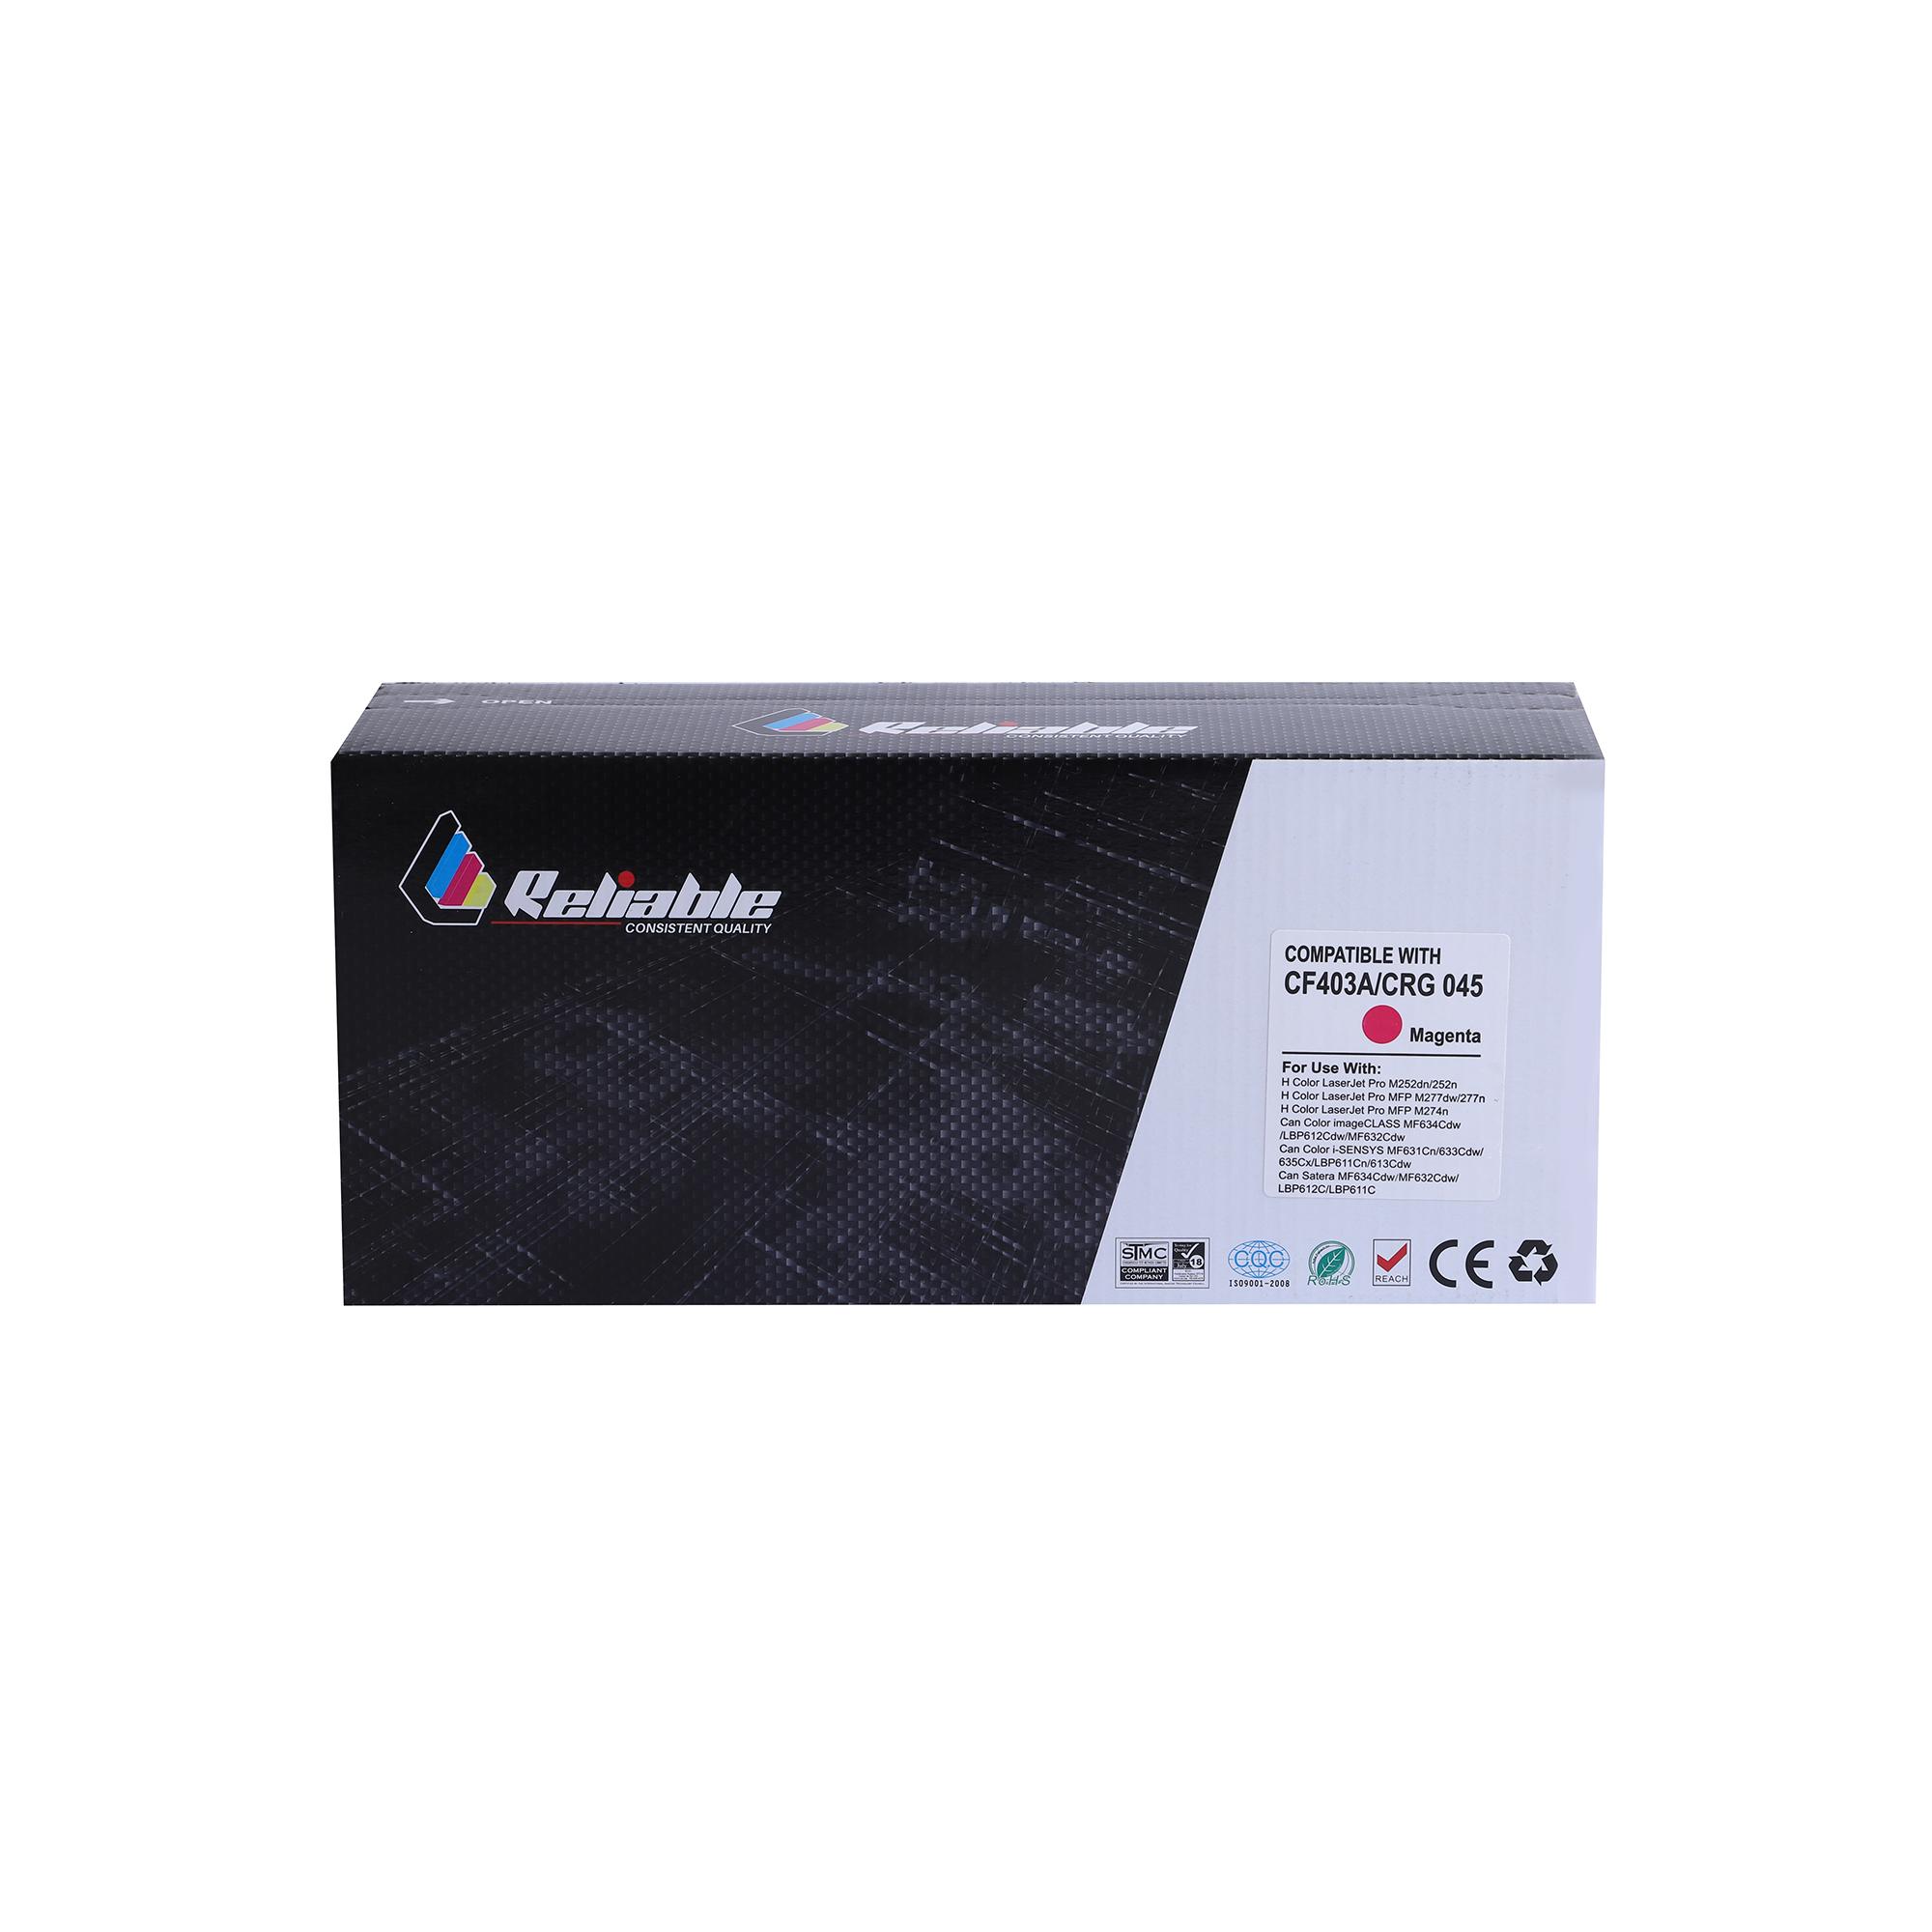 Reliable 201A (CF403A) Compatible Toner Cartridge - Magenta